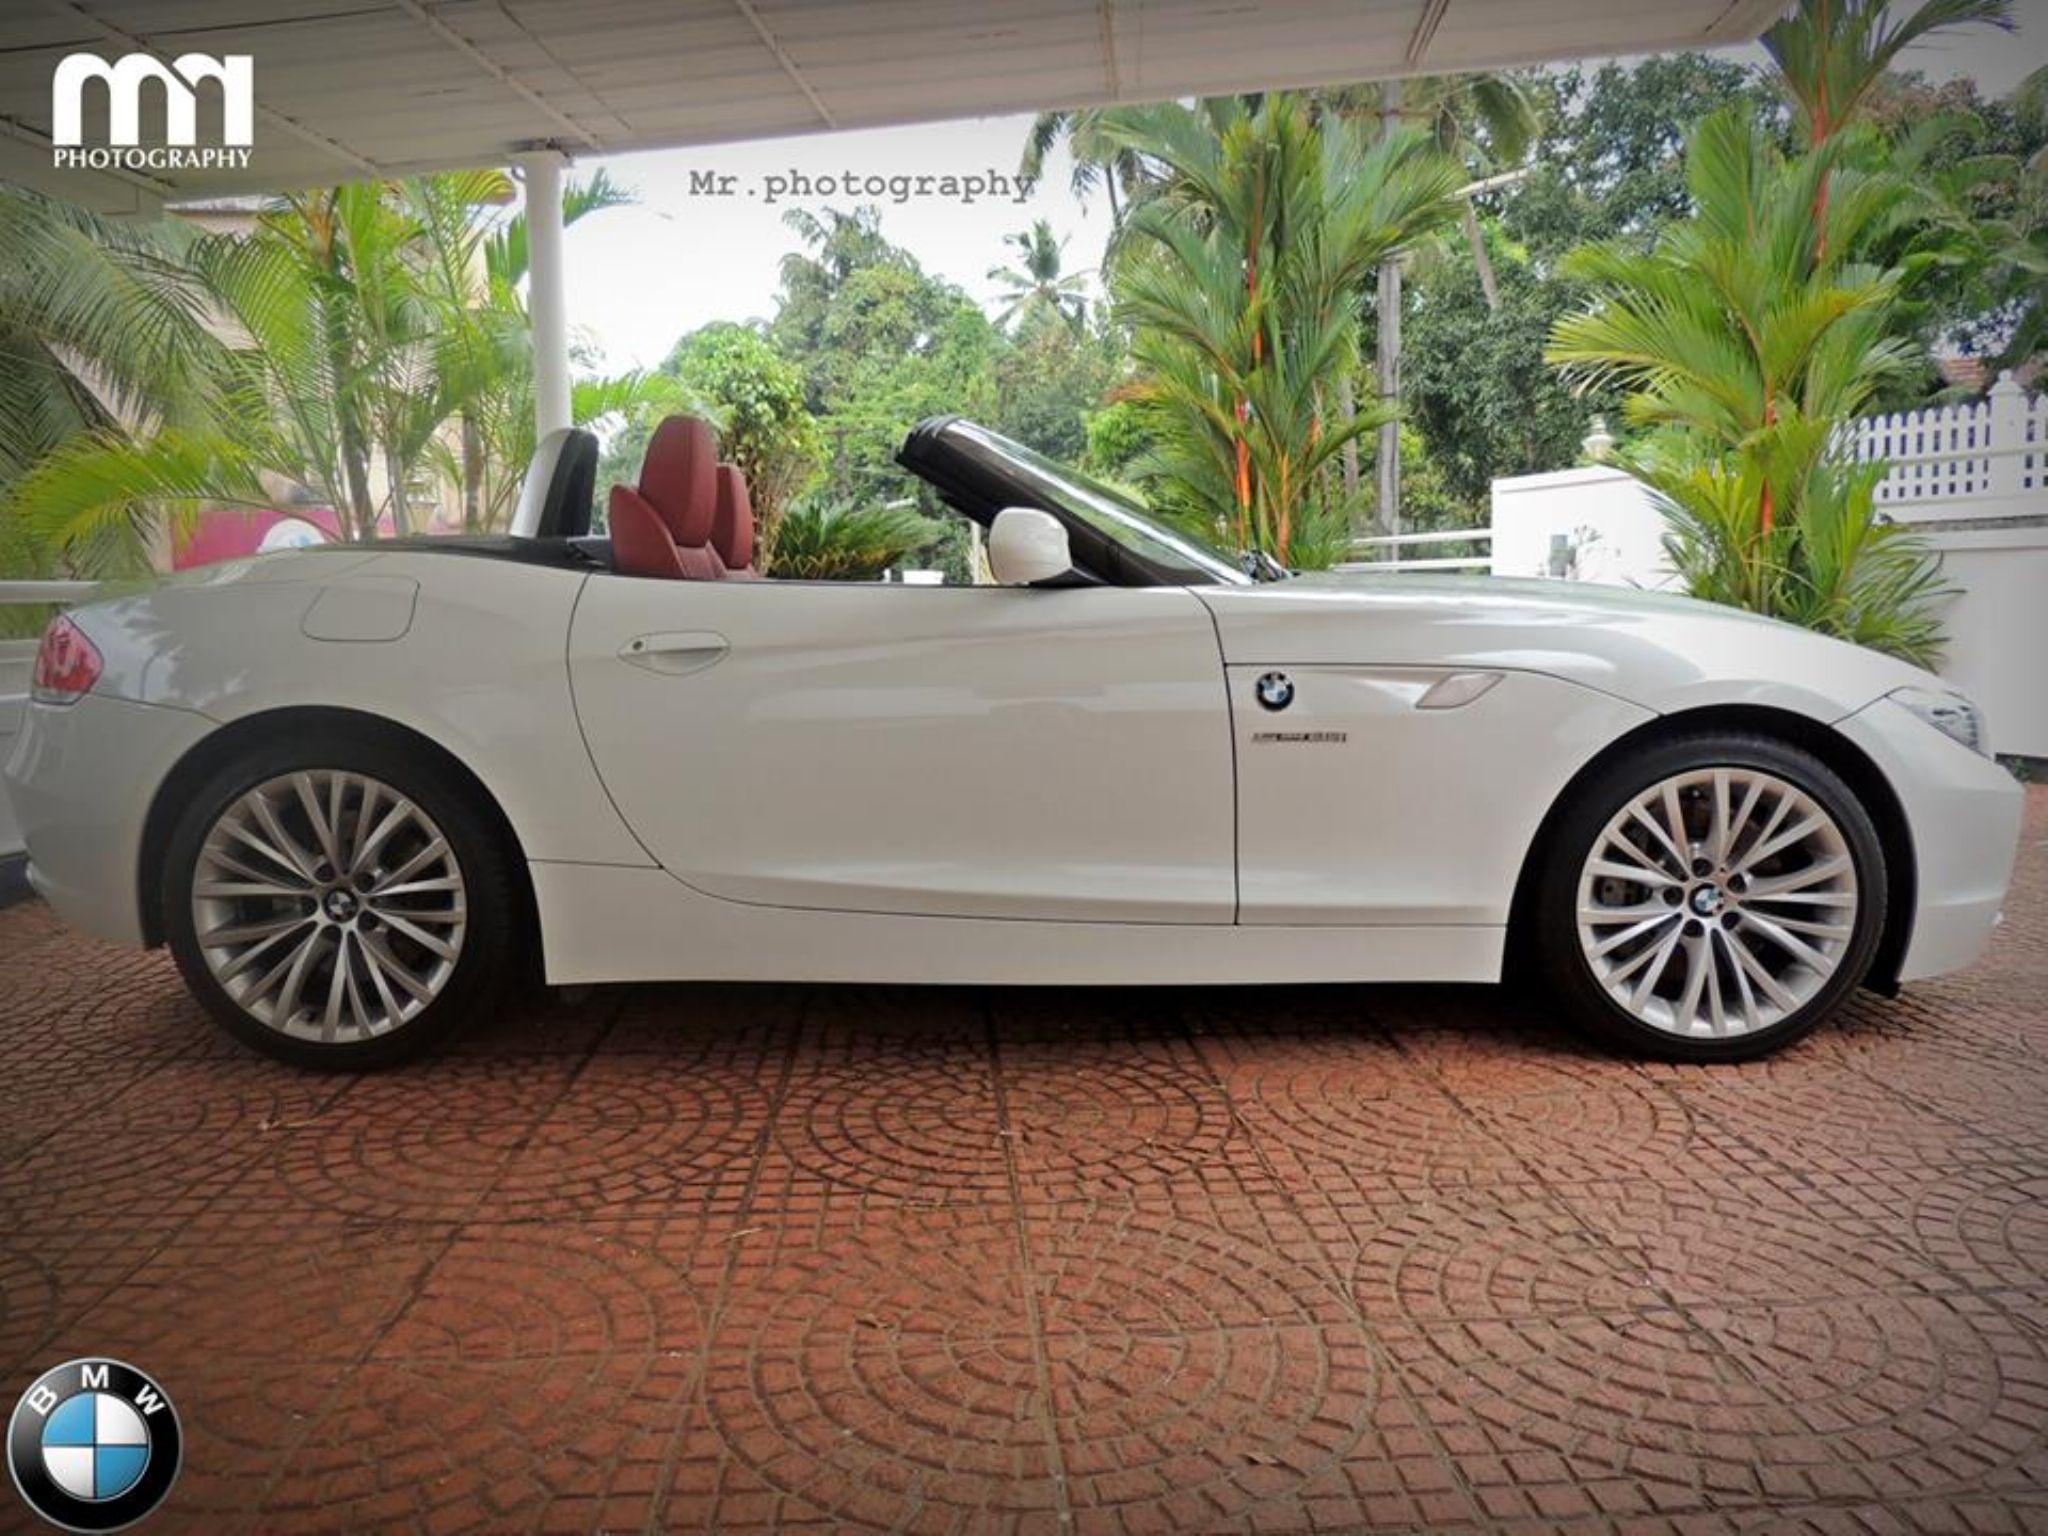 BMW Z4 by sanadrahman (Mr.photography mangalore)